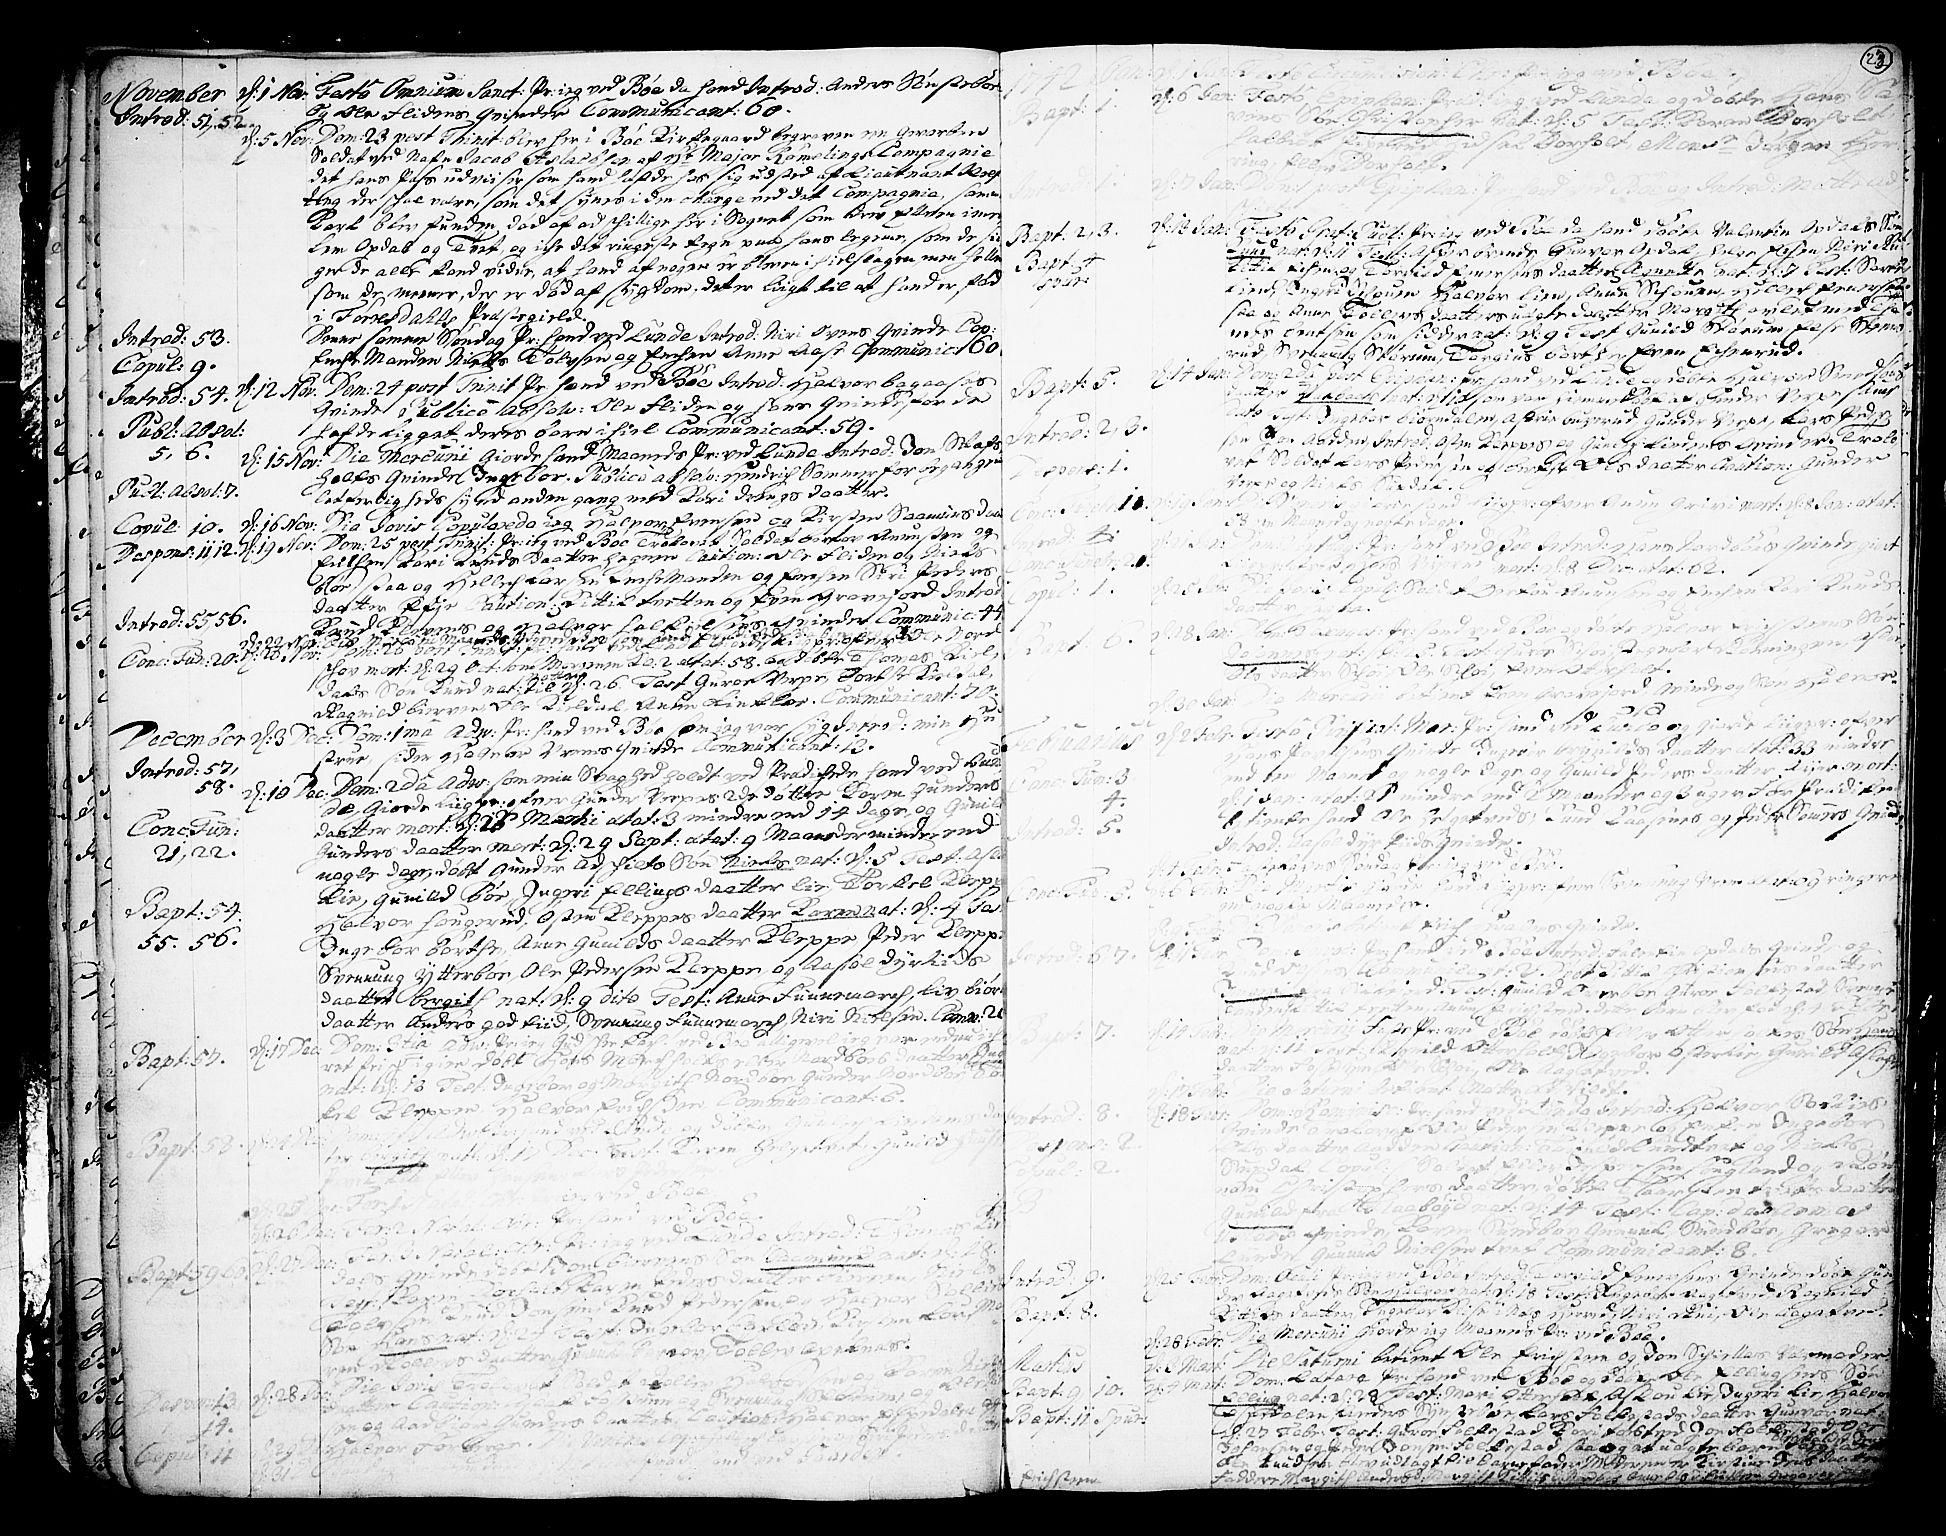 SAKO, Bø kirkebøker, F/Fa/L0003: Ministerialbok nr. 3, 1733-1748, s. 23